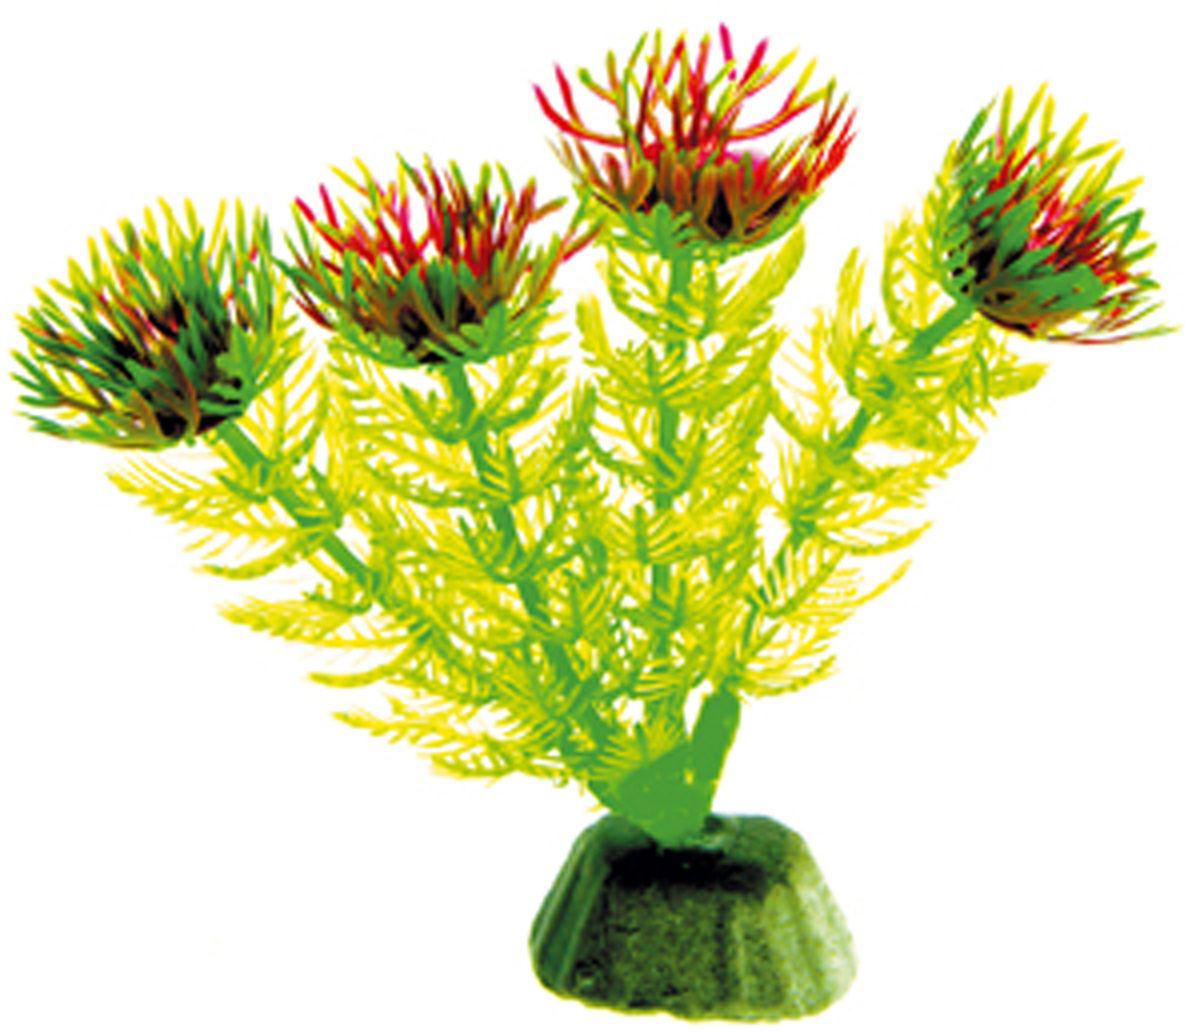 Искусственное растение для аквариума Dezzie, 10 см. 56020025602002Подводное искусственное растение для аквариума Dezzie является неотъемлемой частью композиции аквариума, радует глаз, а также может быть уютным убежищем для рыб и других обитателей аквариума. Пластиковое растение имеет устойчивое дно, которое не нуждается в дополнительном утяжелении и легко устанавливается в грунт. Растение очень практично в использовании, имеет стойкую к воздействию воды окраску и не требует обременительного ухода. Его можно легко достать и протереть тряпкой во время уборки аквариума. Растения из пластика создадут неповторимый дизайн пресноводного или морского аквариума. Высота растения: 10 см.